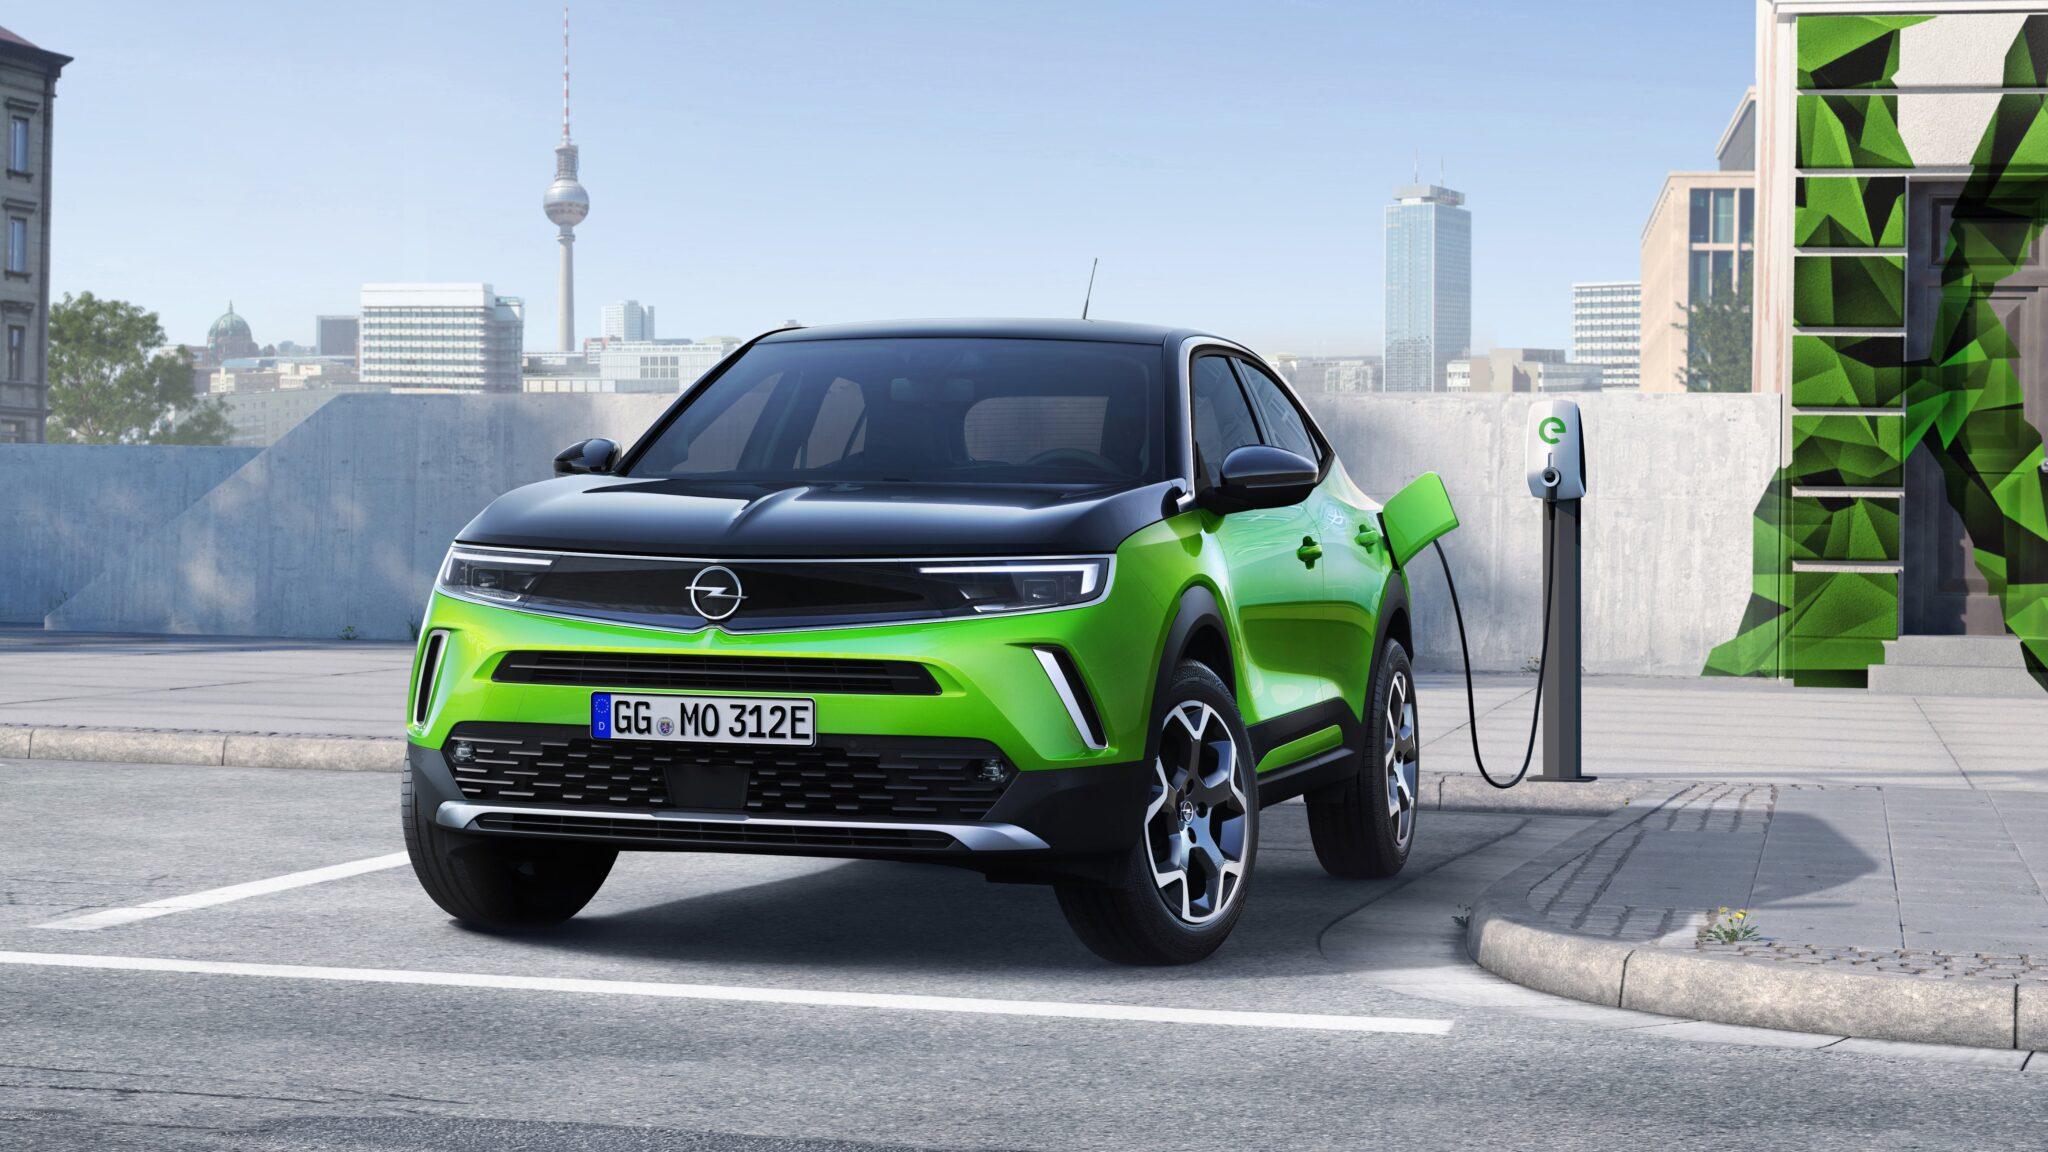 Opel Mokka elektrisch und voller Energie » 05 Opel Mokka e 512168 min scaled